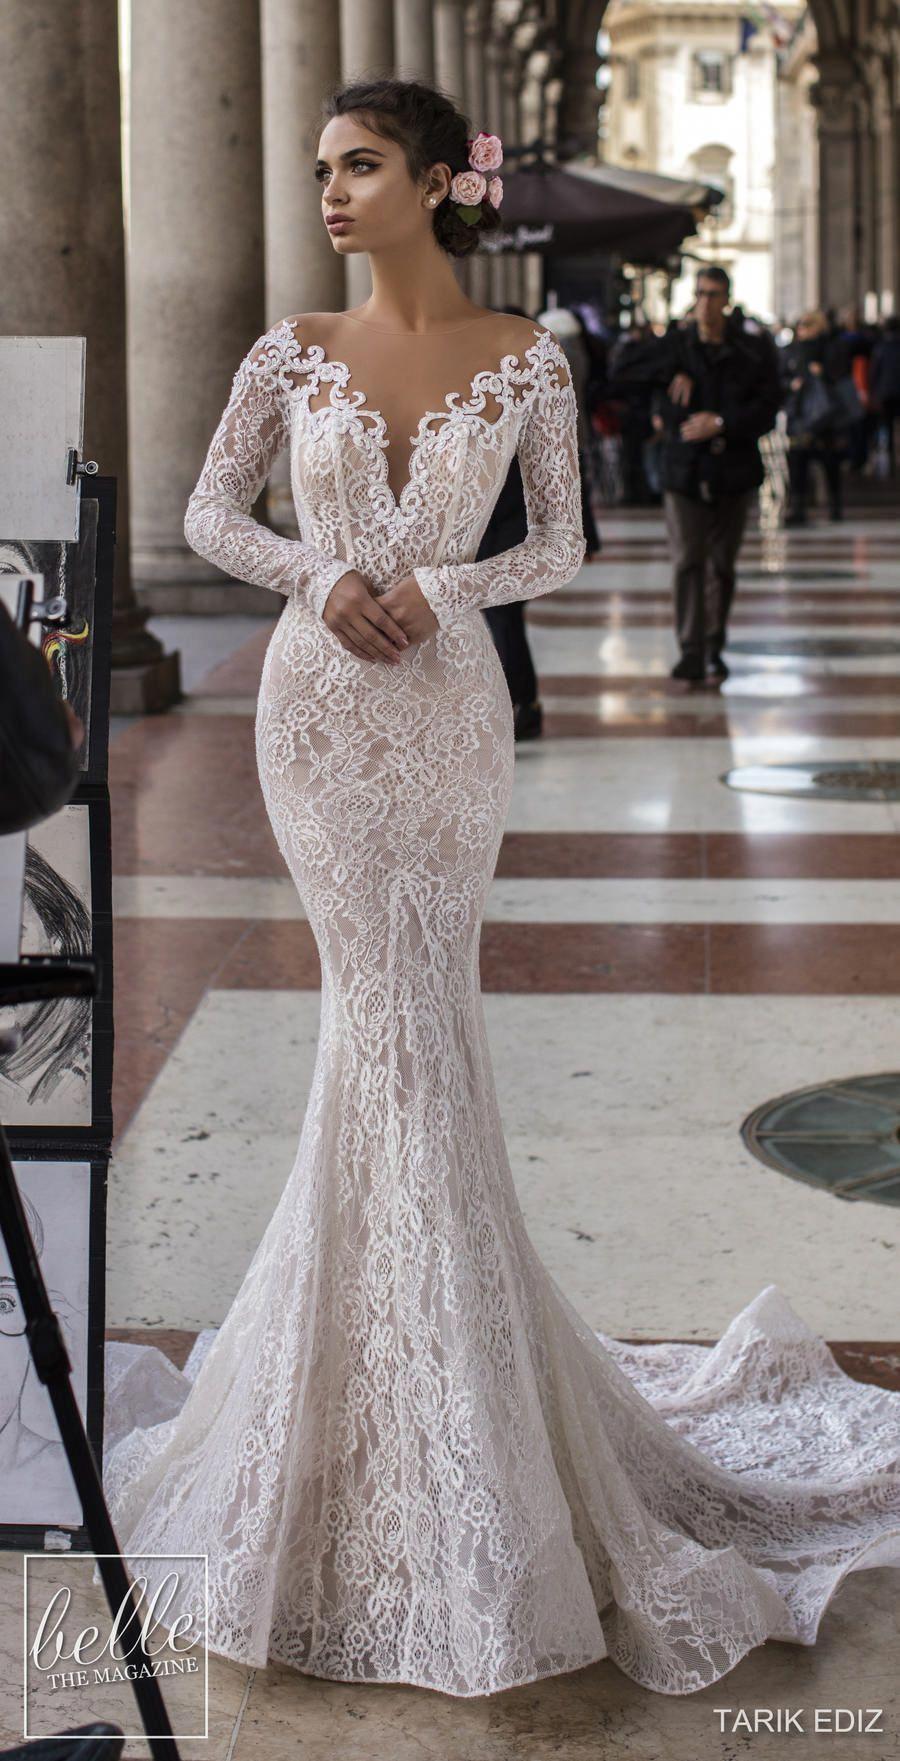 Tarik Ediz Wedding Dresses 2019 The White Bridal Collection Winter Wedding Dresses Lac Wedding Dress Long Sleeve Lace Mermaid Wedding Dress Wedding Dresses [ 1761 x 900 Pixel ]